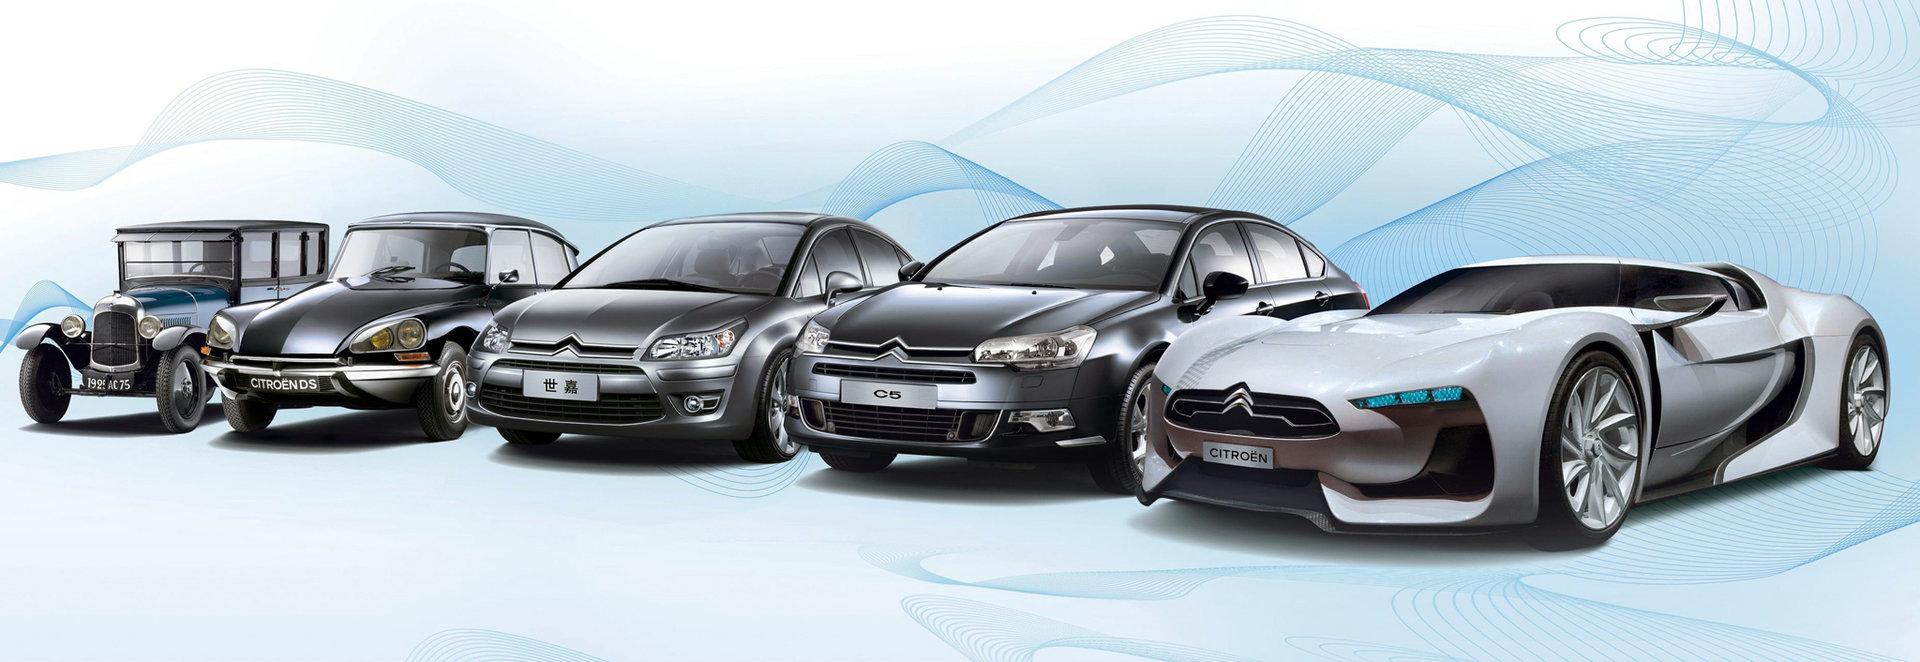 Citroën, a por todas en su centenario